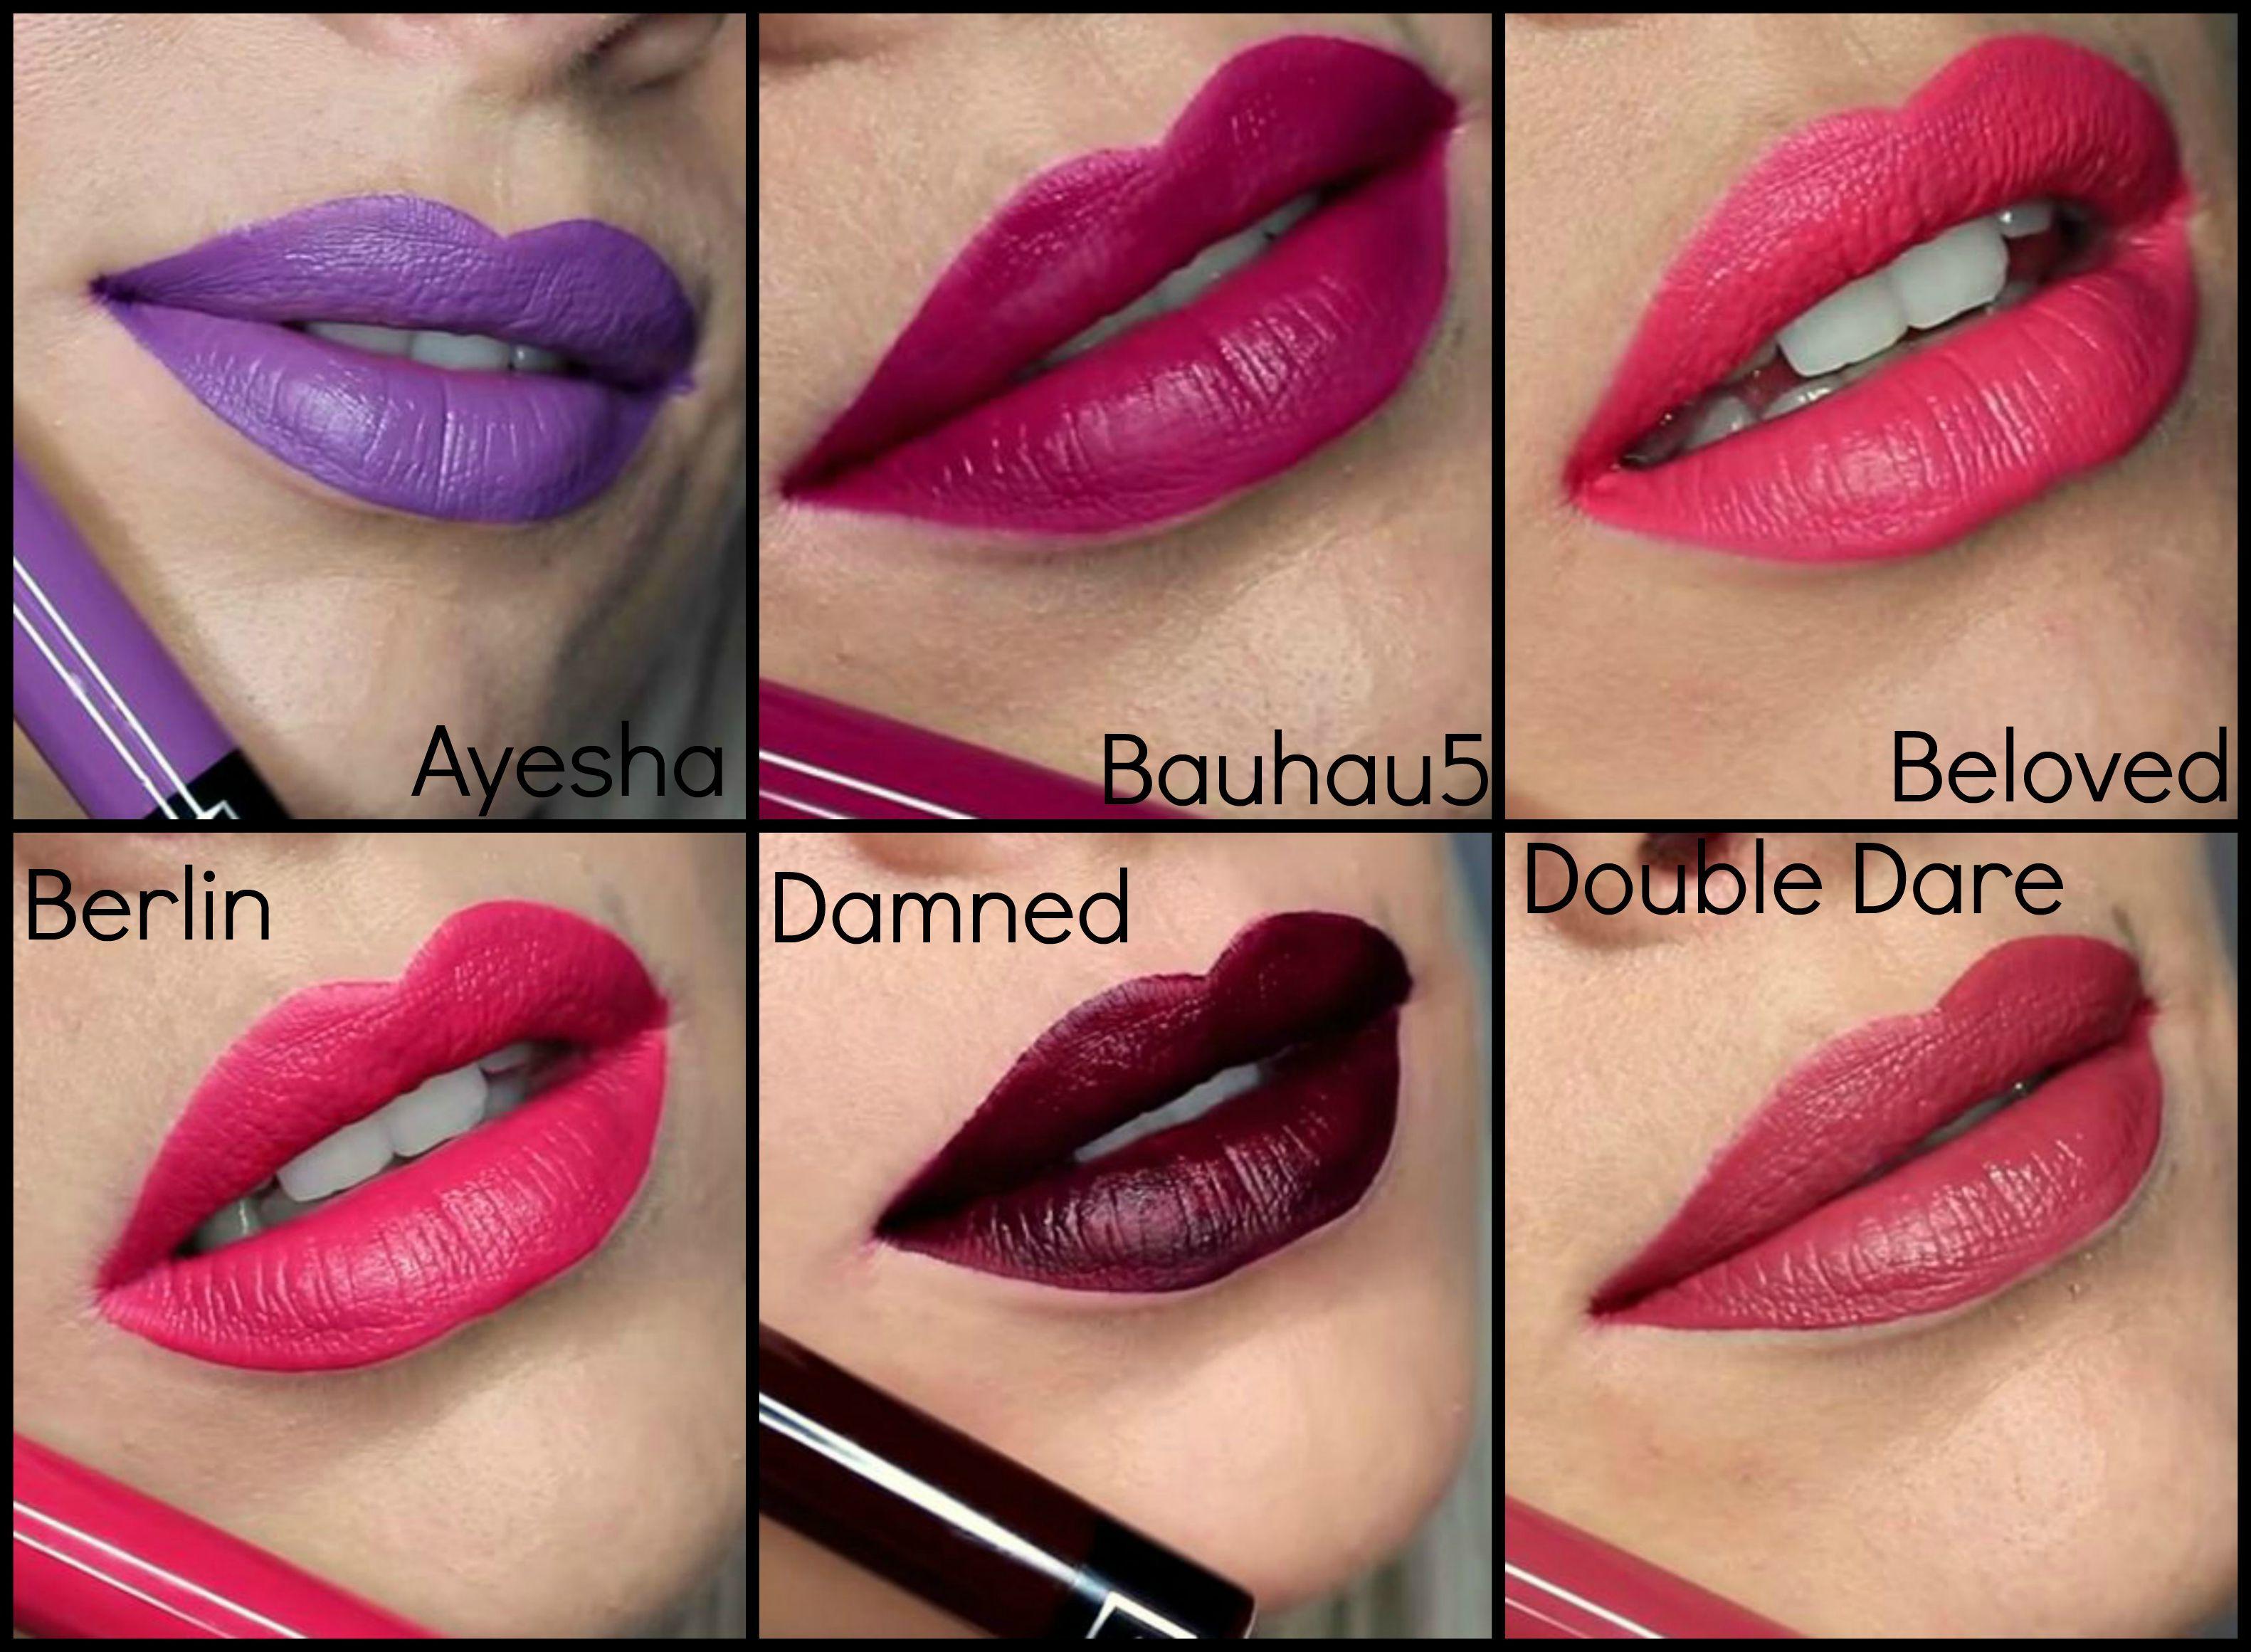 Kat Von D Liquid Lipstick Swatches | Makeup | Pinterest | Kat von ...